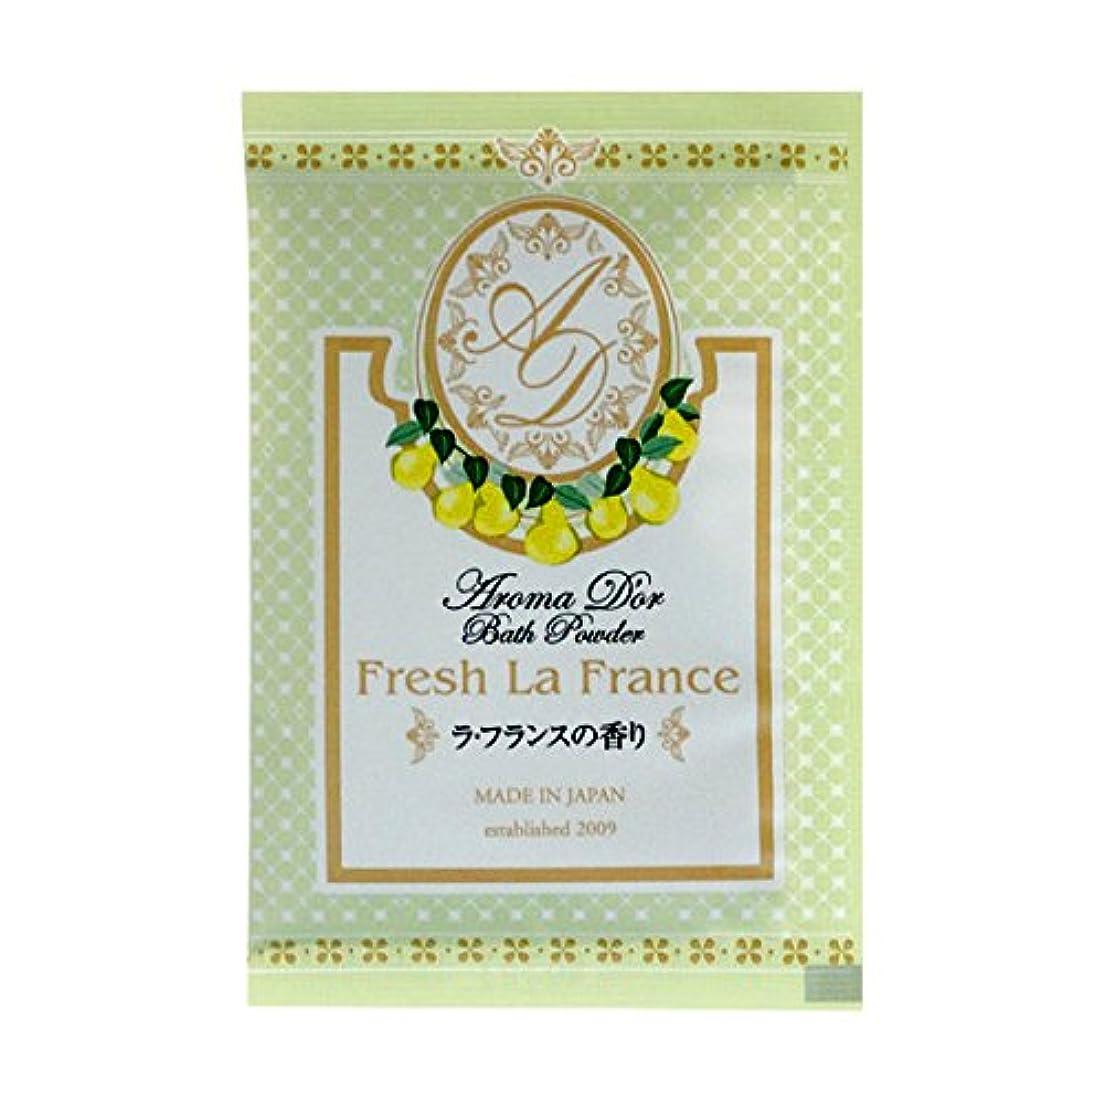 申込みピアース幸福入浴剤 アロマドールバスパウダー 「ラ?フランスの香り」30個